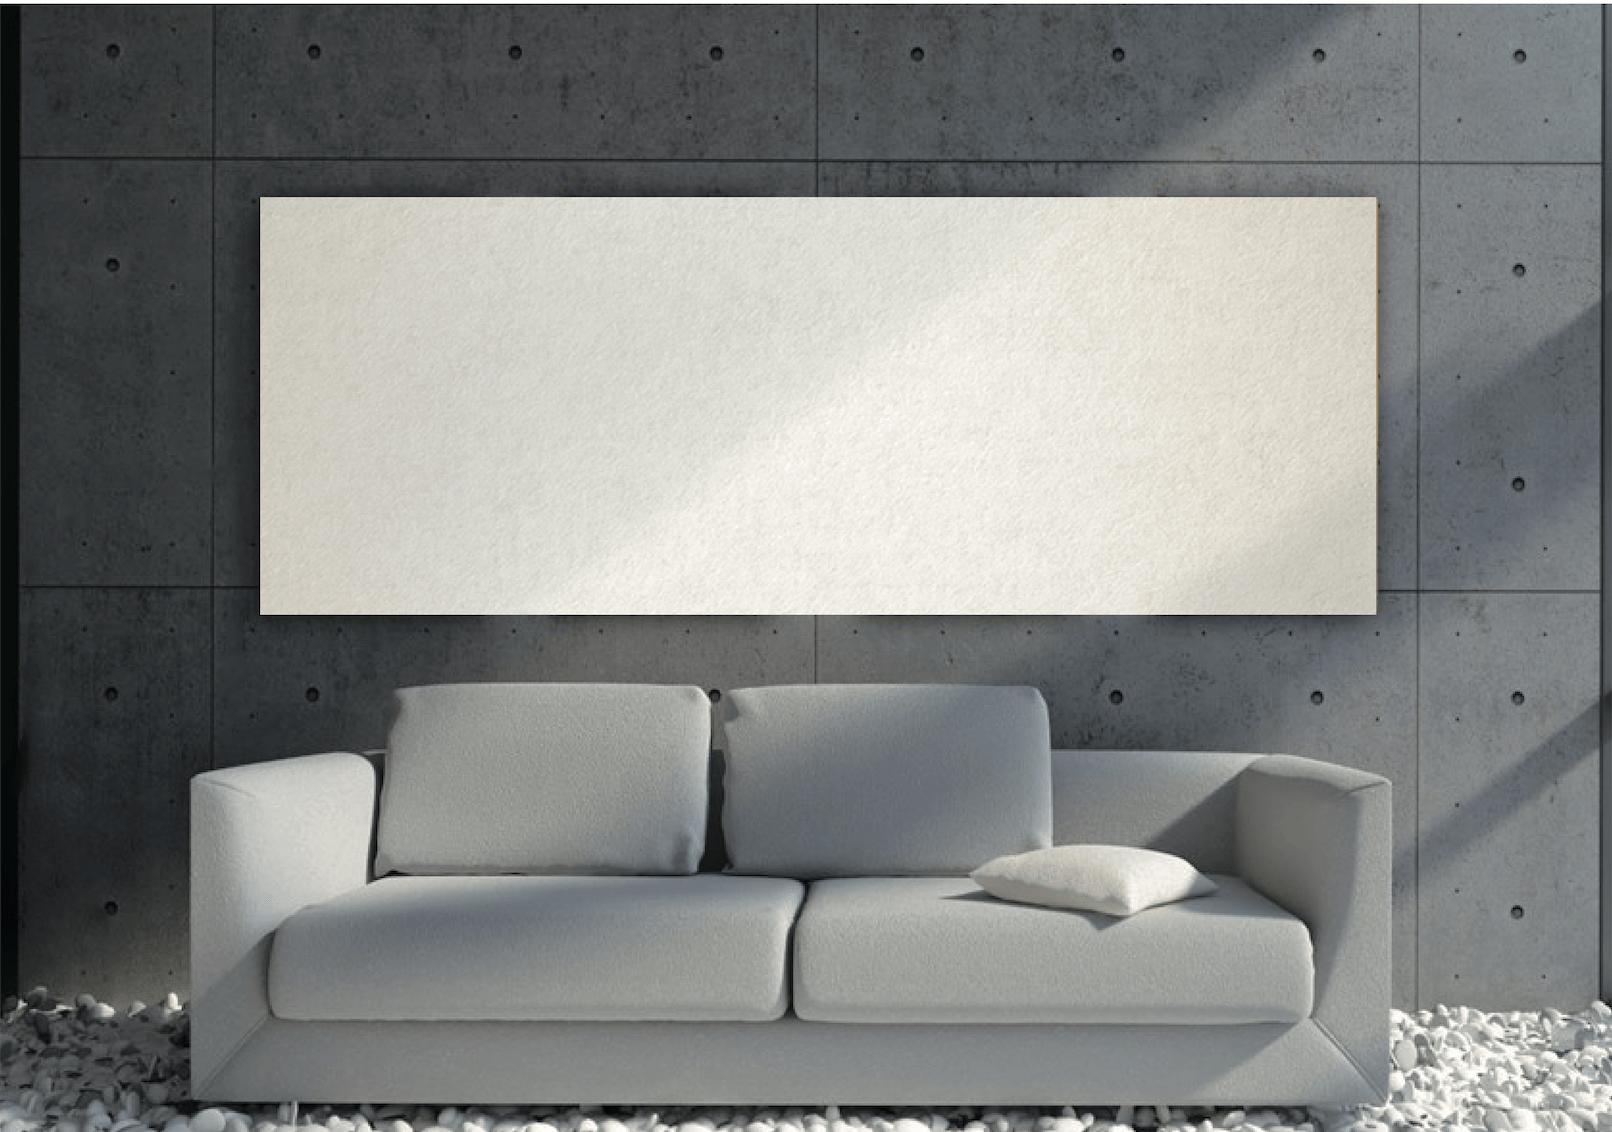 富山デザインコンペティション「INTERIOR SOUND DESIGN」